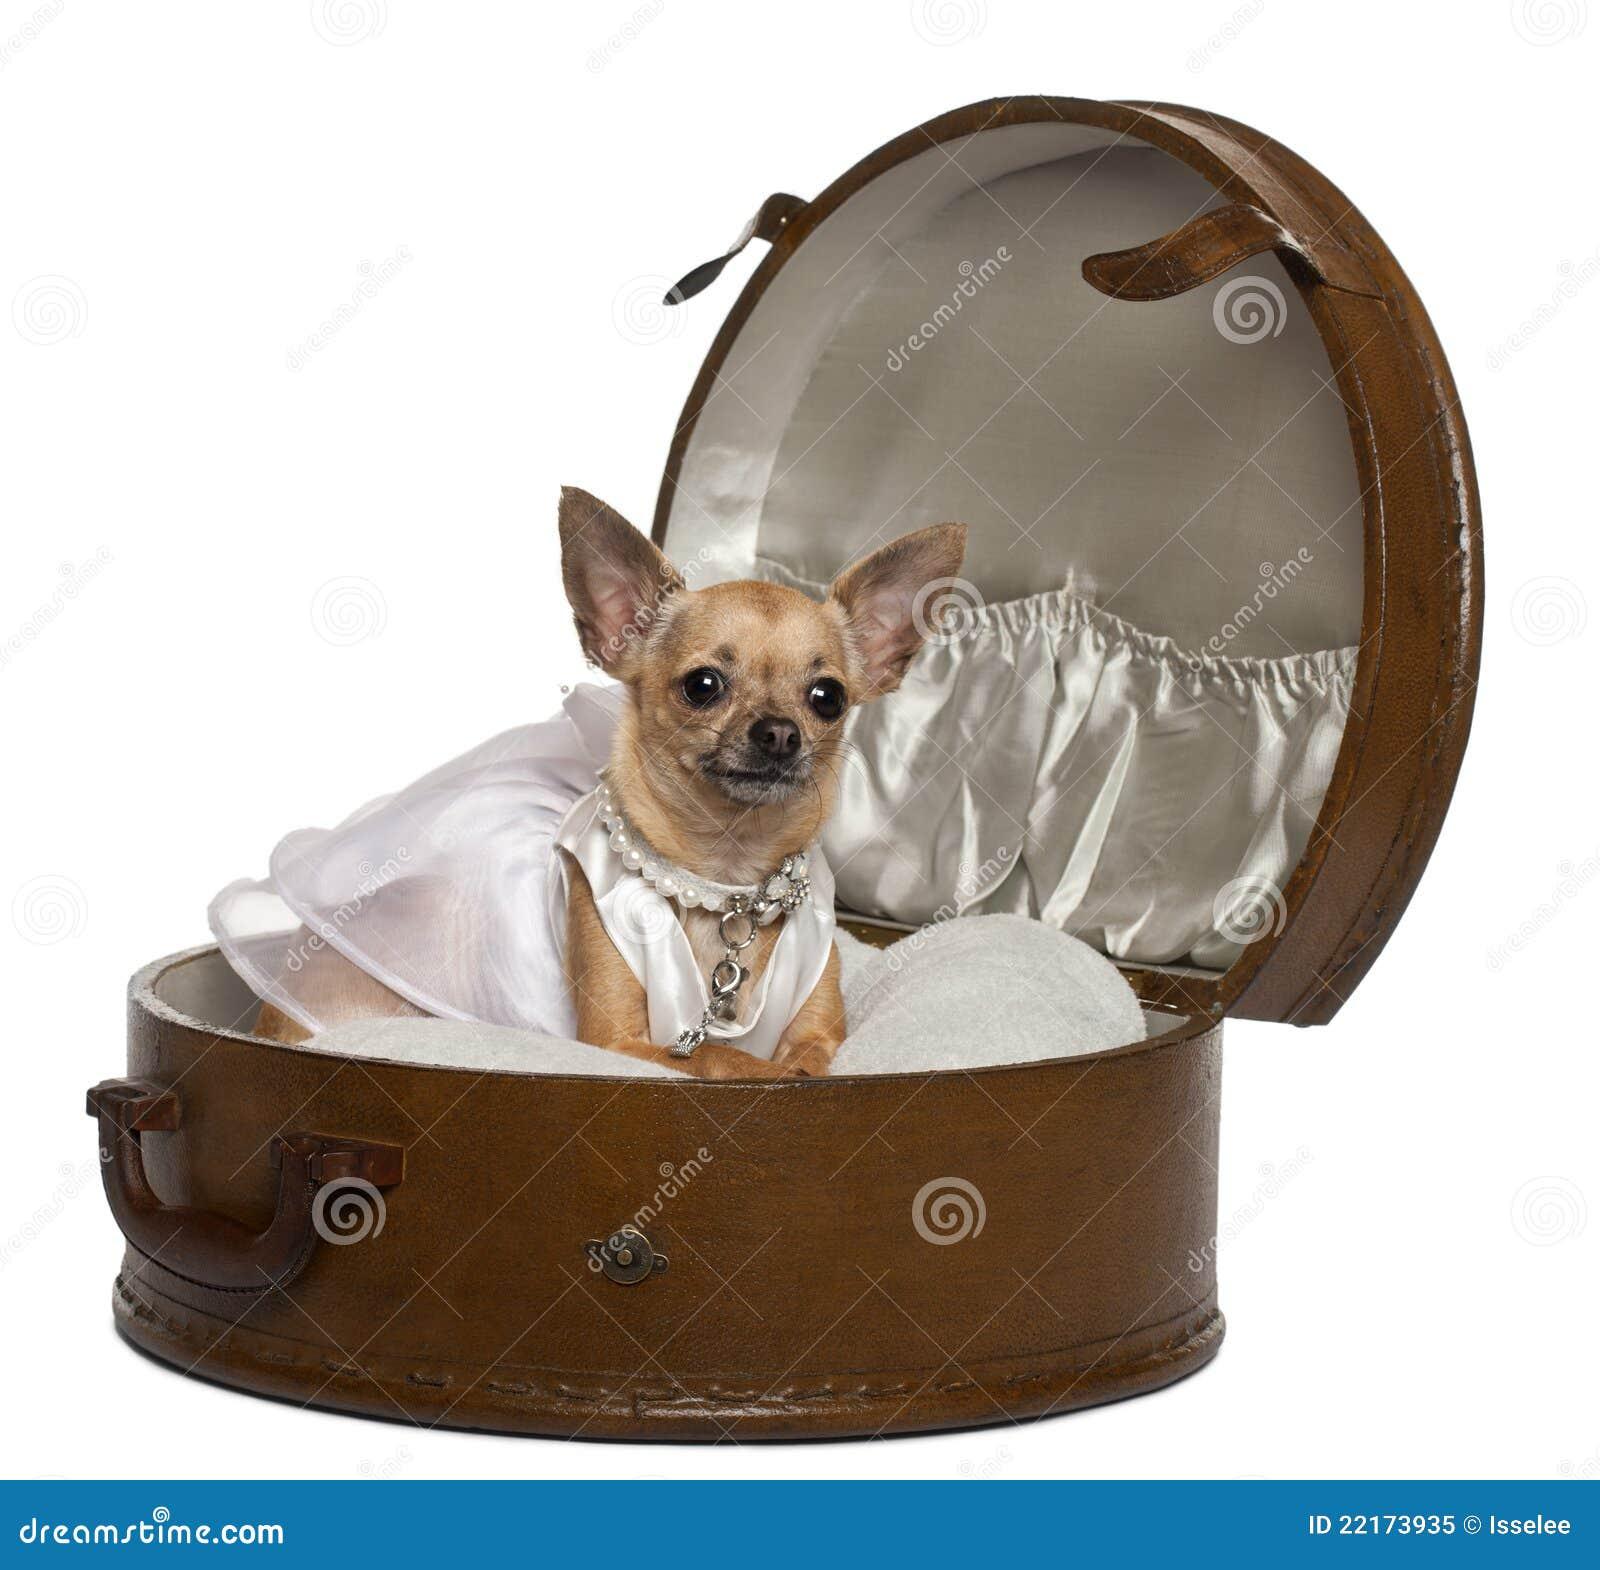 bröllop 3 år 3 år För Bröllop För Chihuahuaklänning Gammala Fotografering för  bröllop 3 år